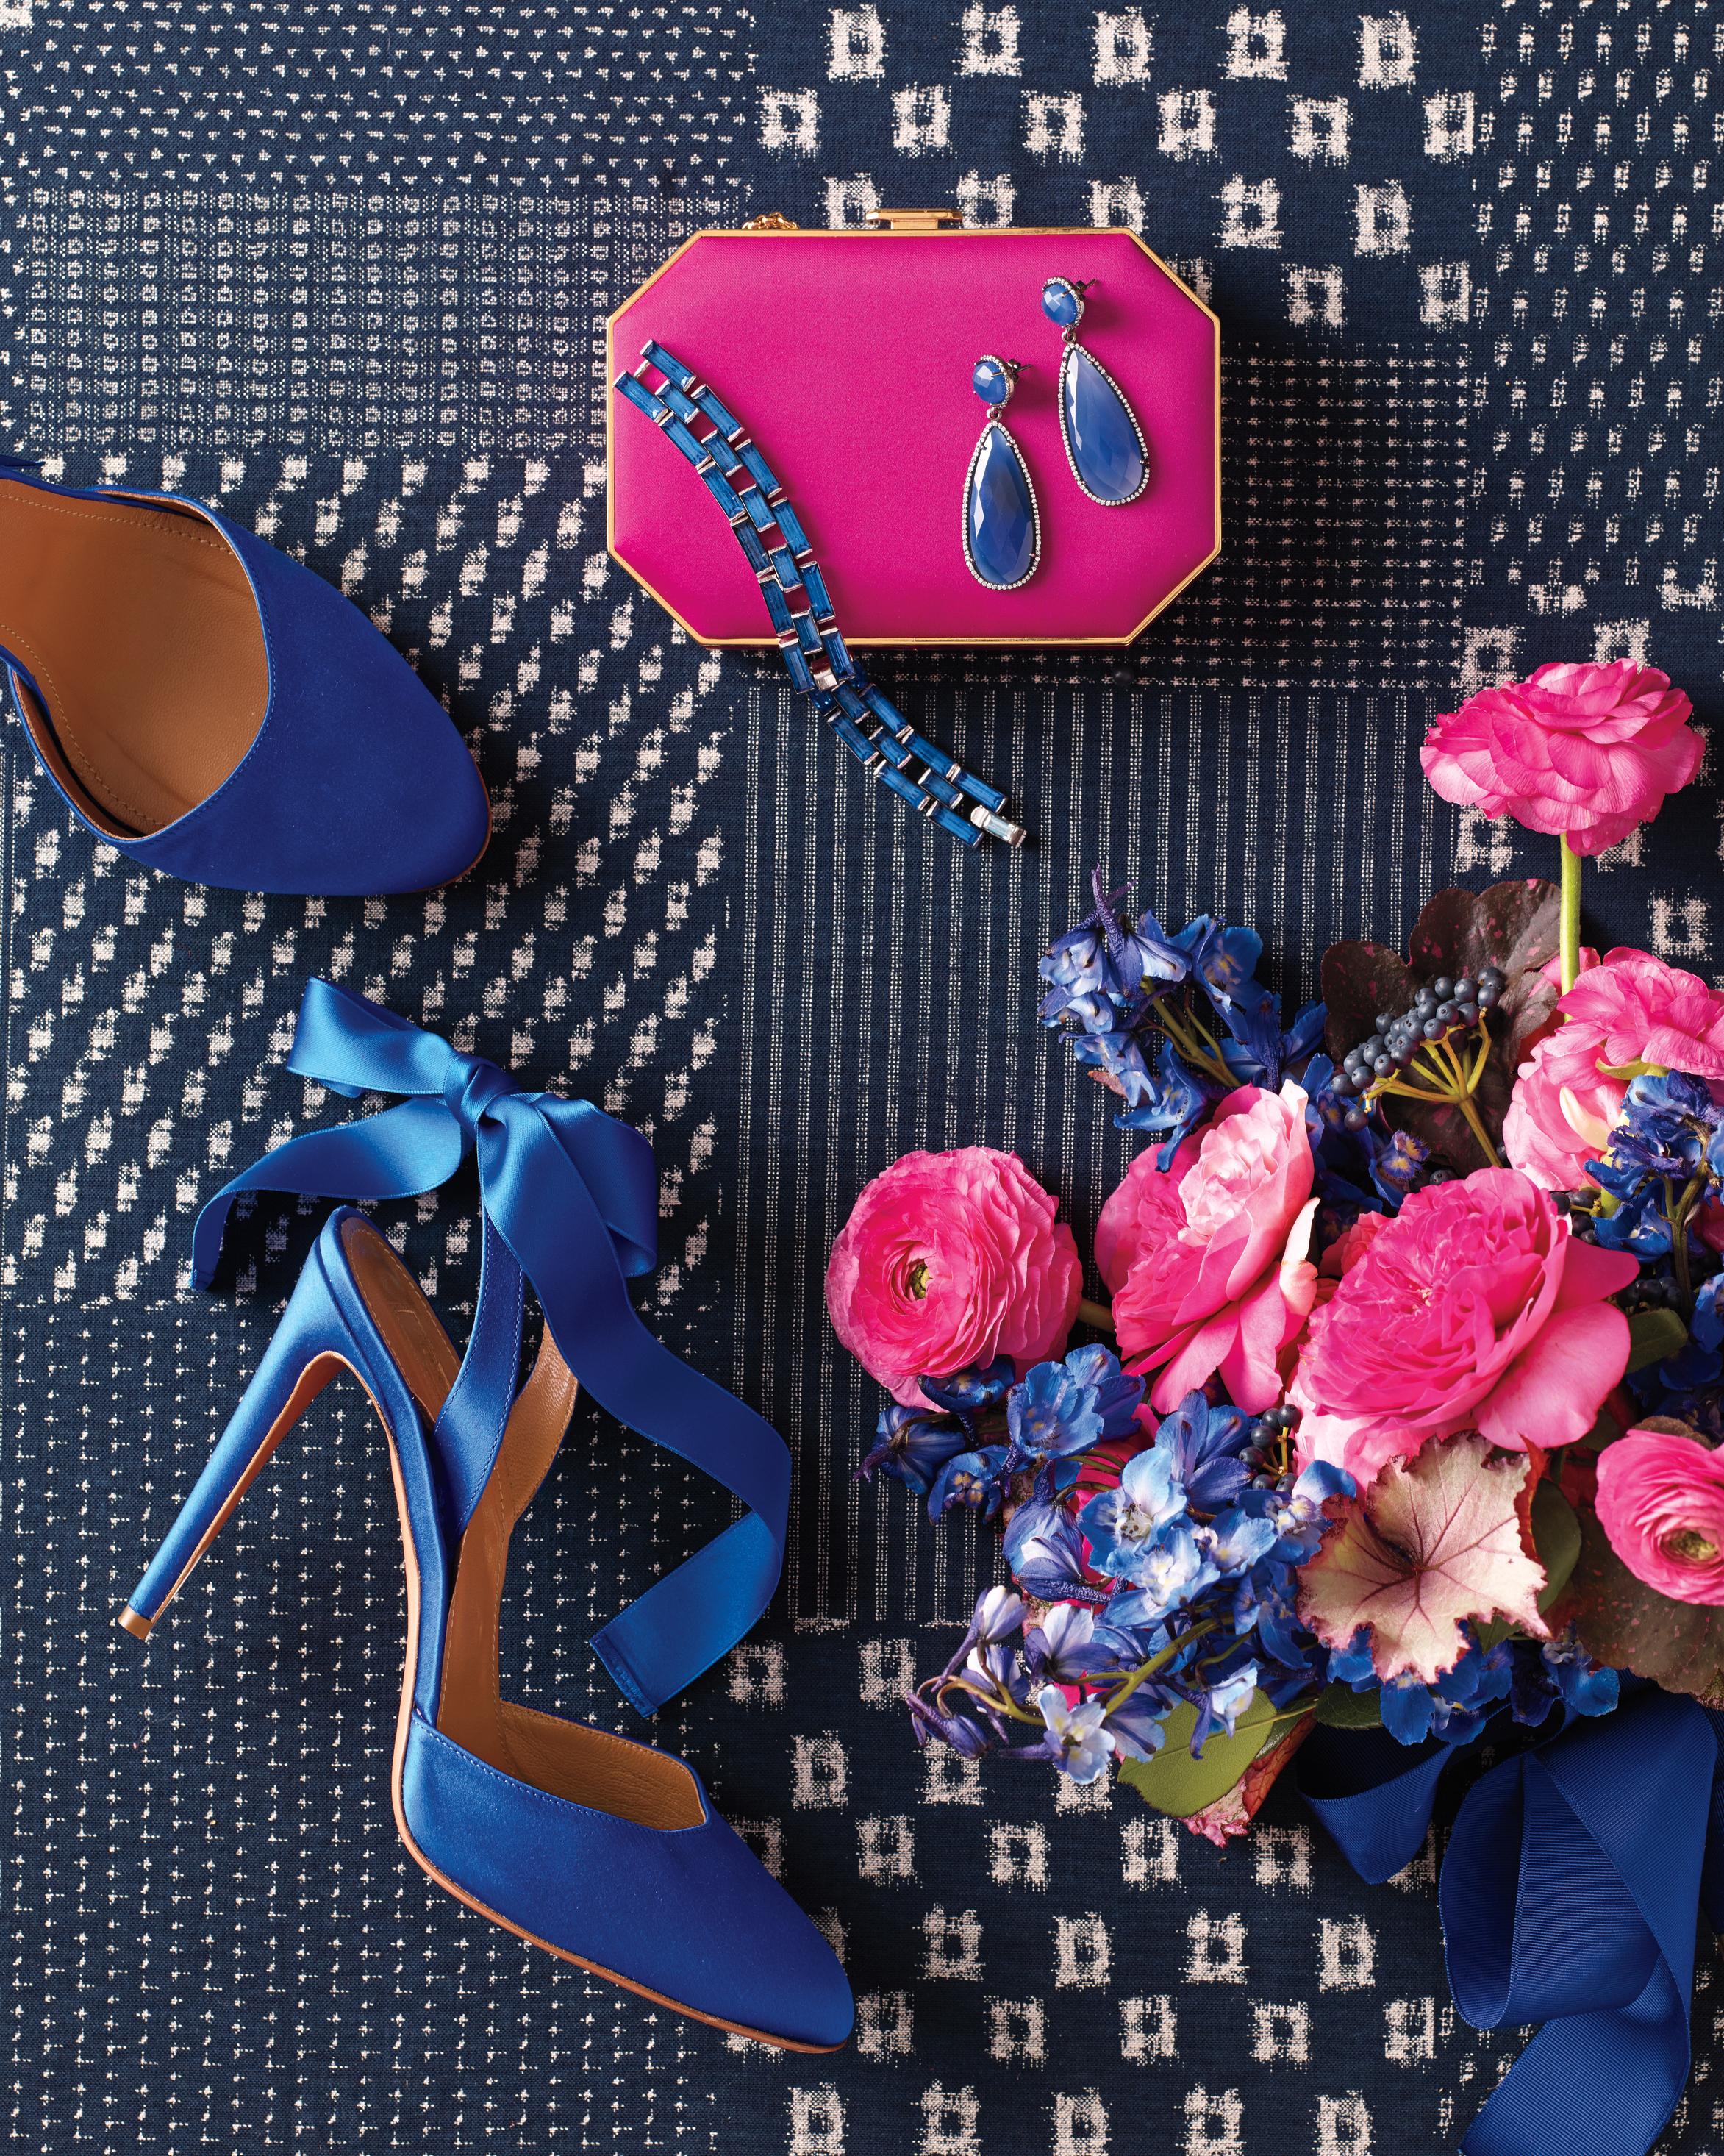 bridal-accessories544-mwd110739.jpg